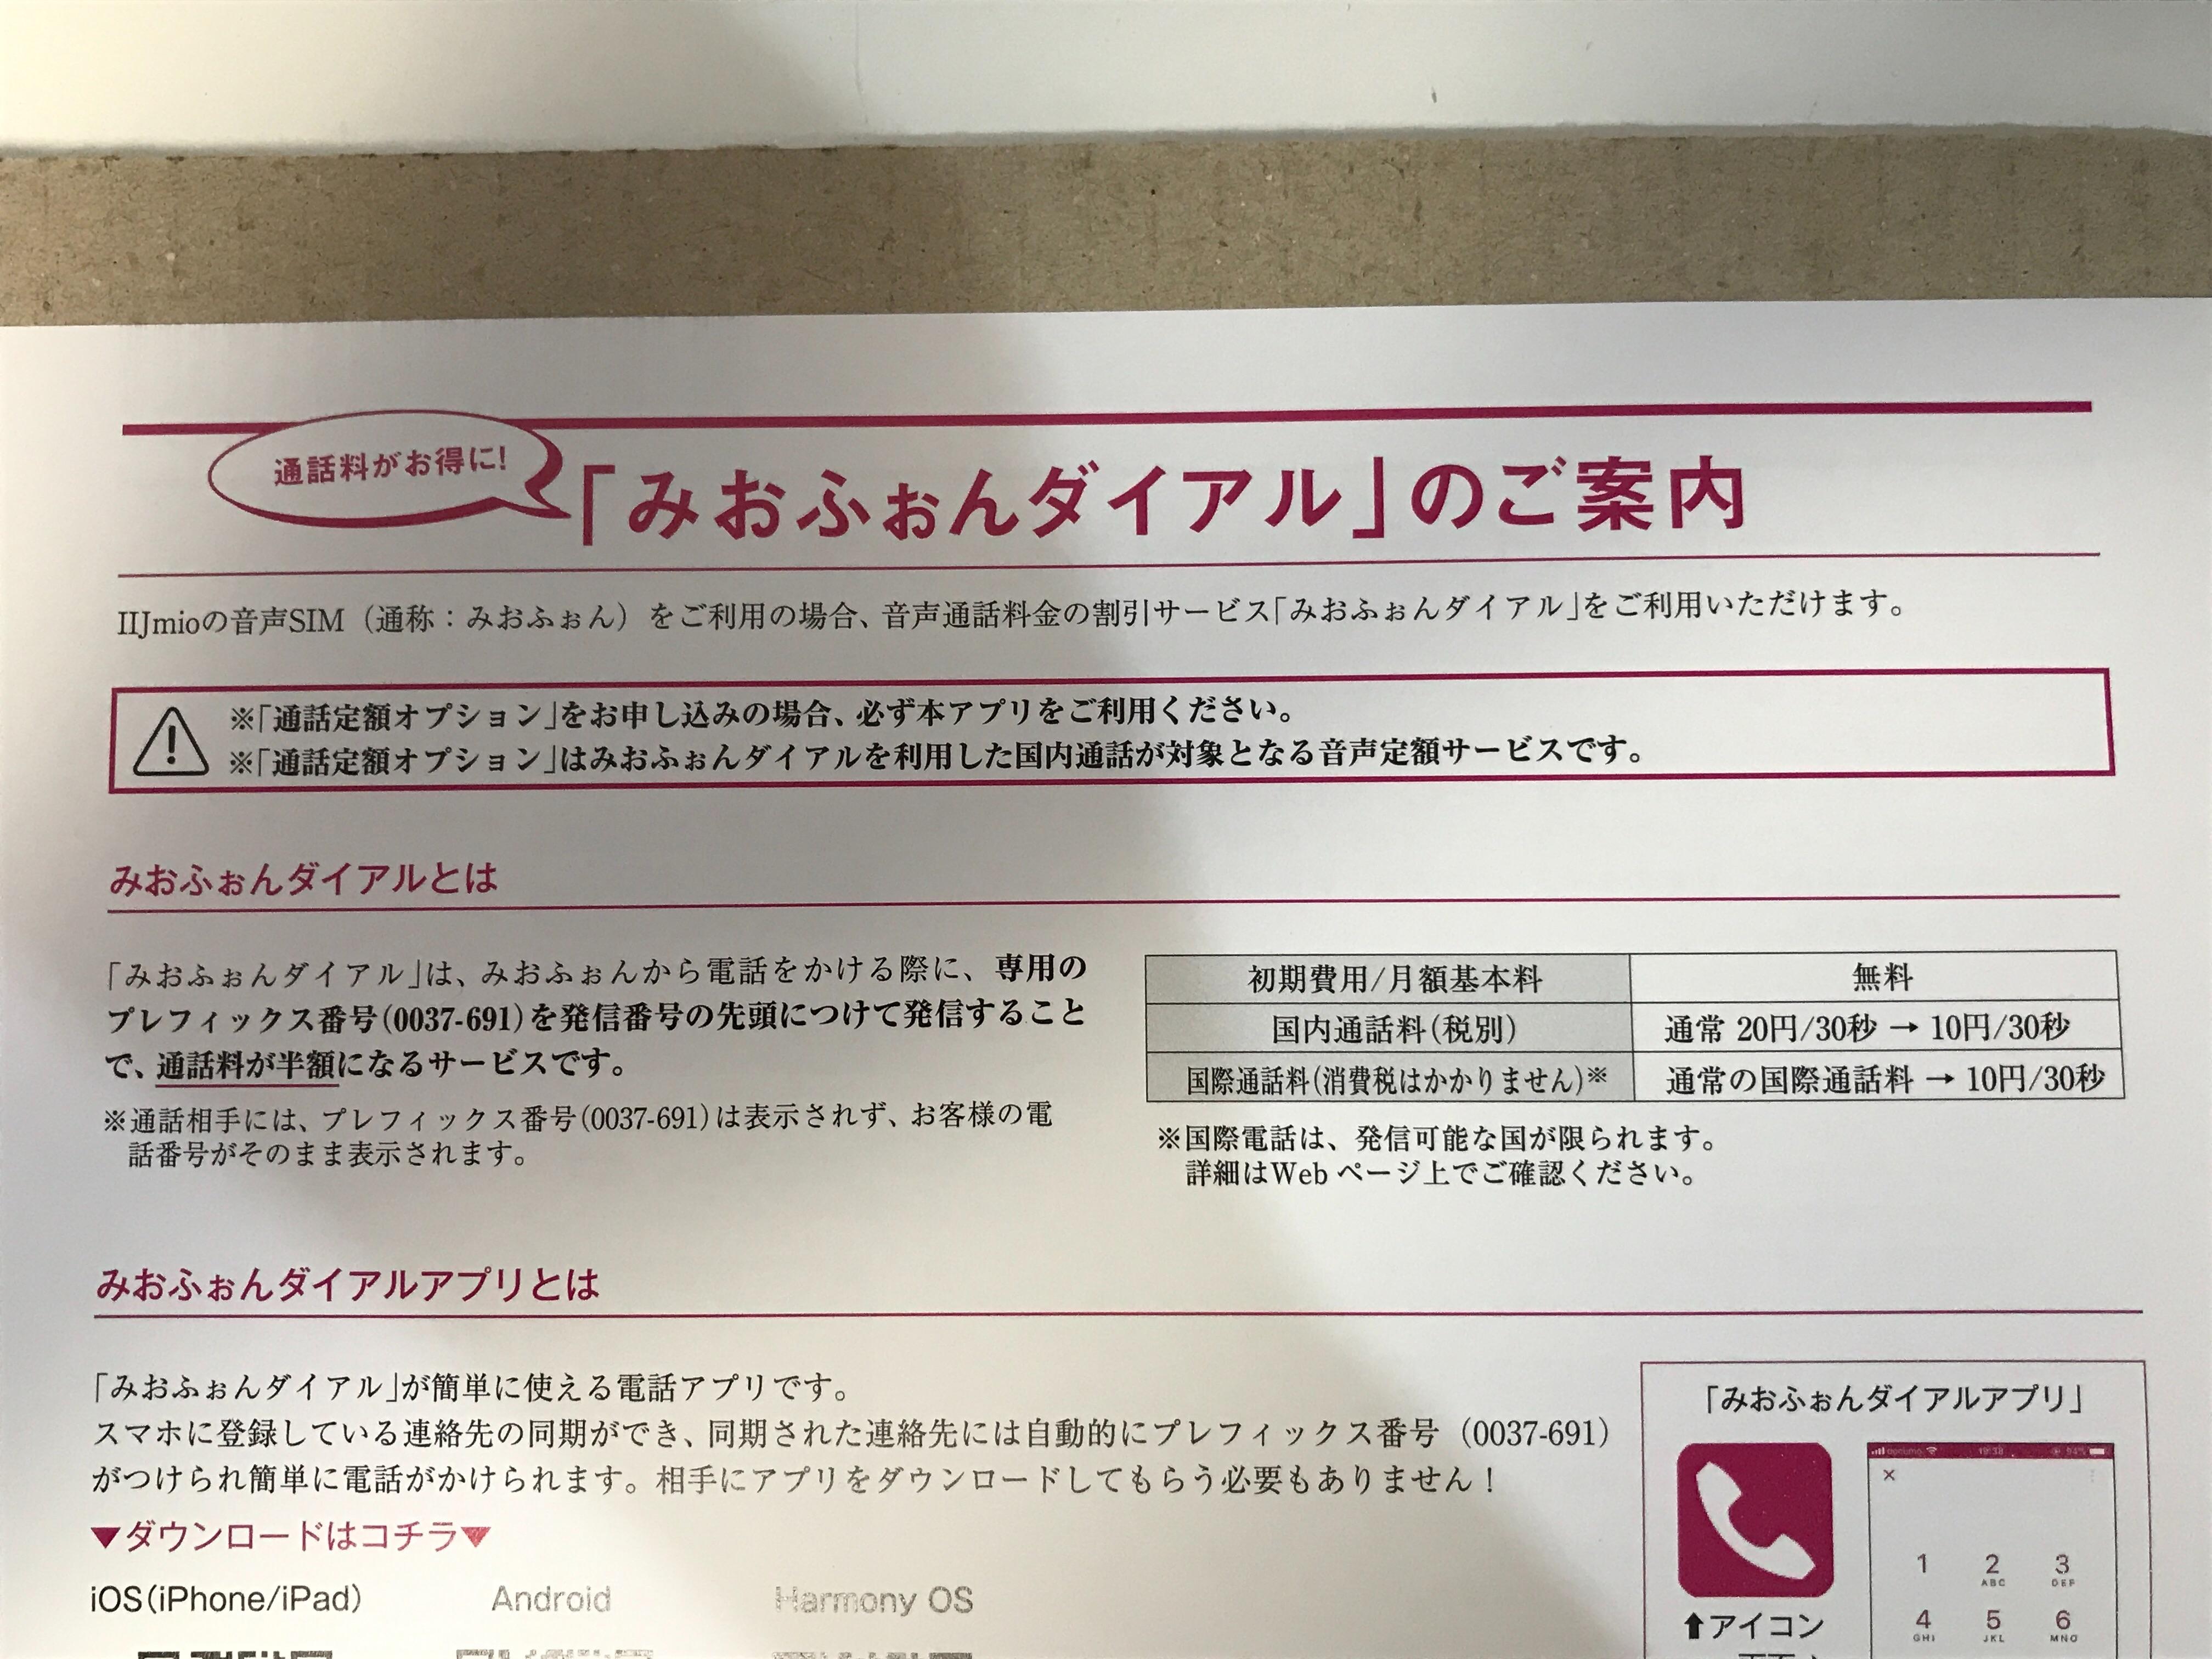 f:id:SeisoSakuya:20210320214800j:image